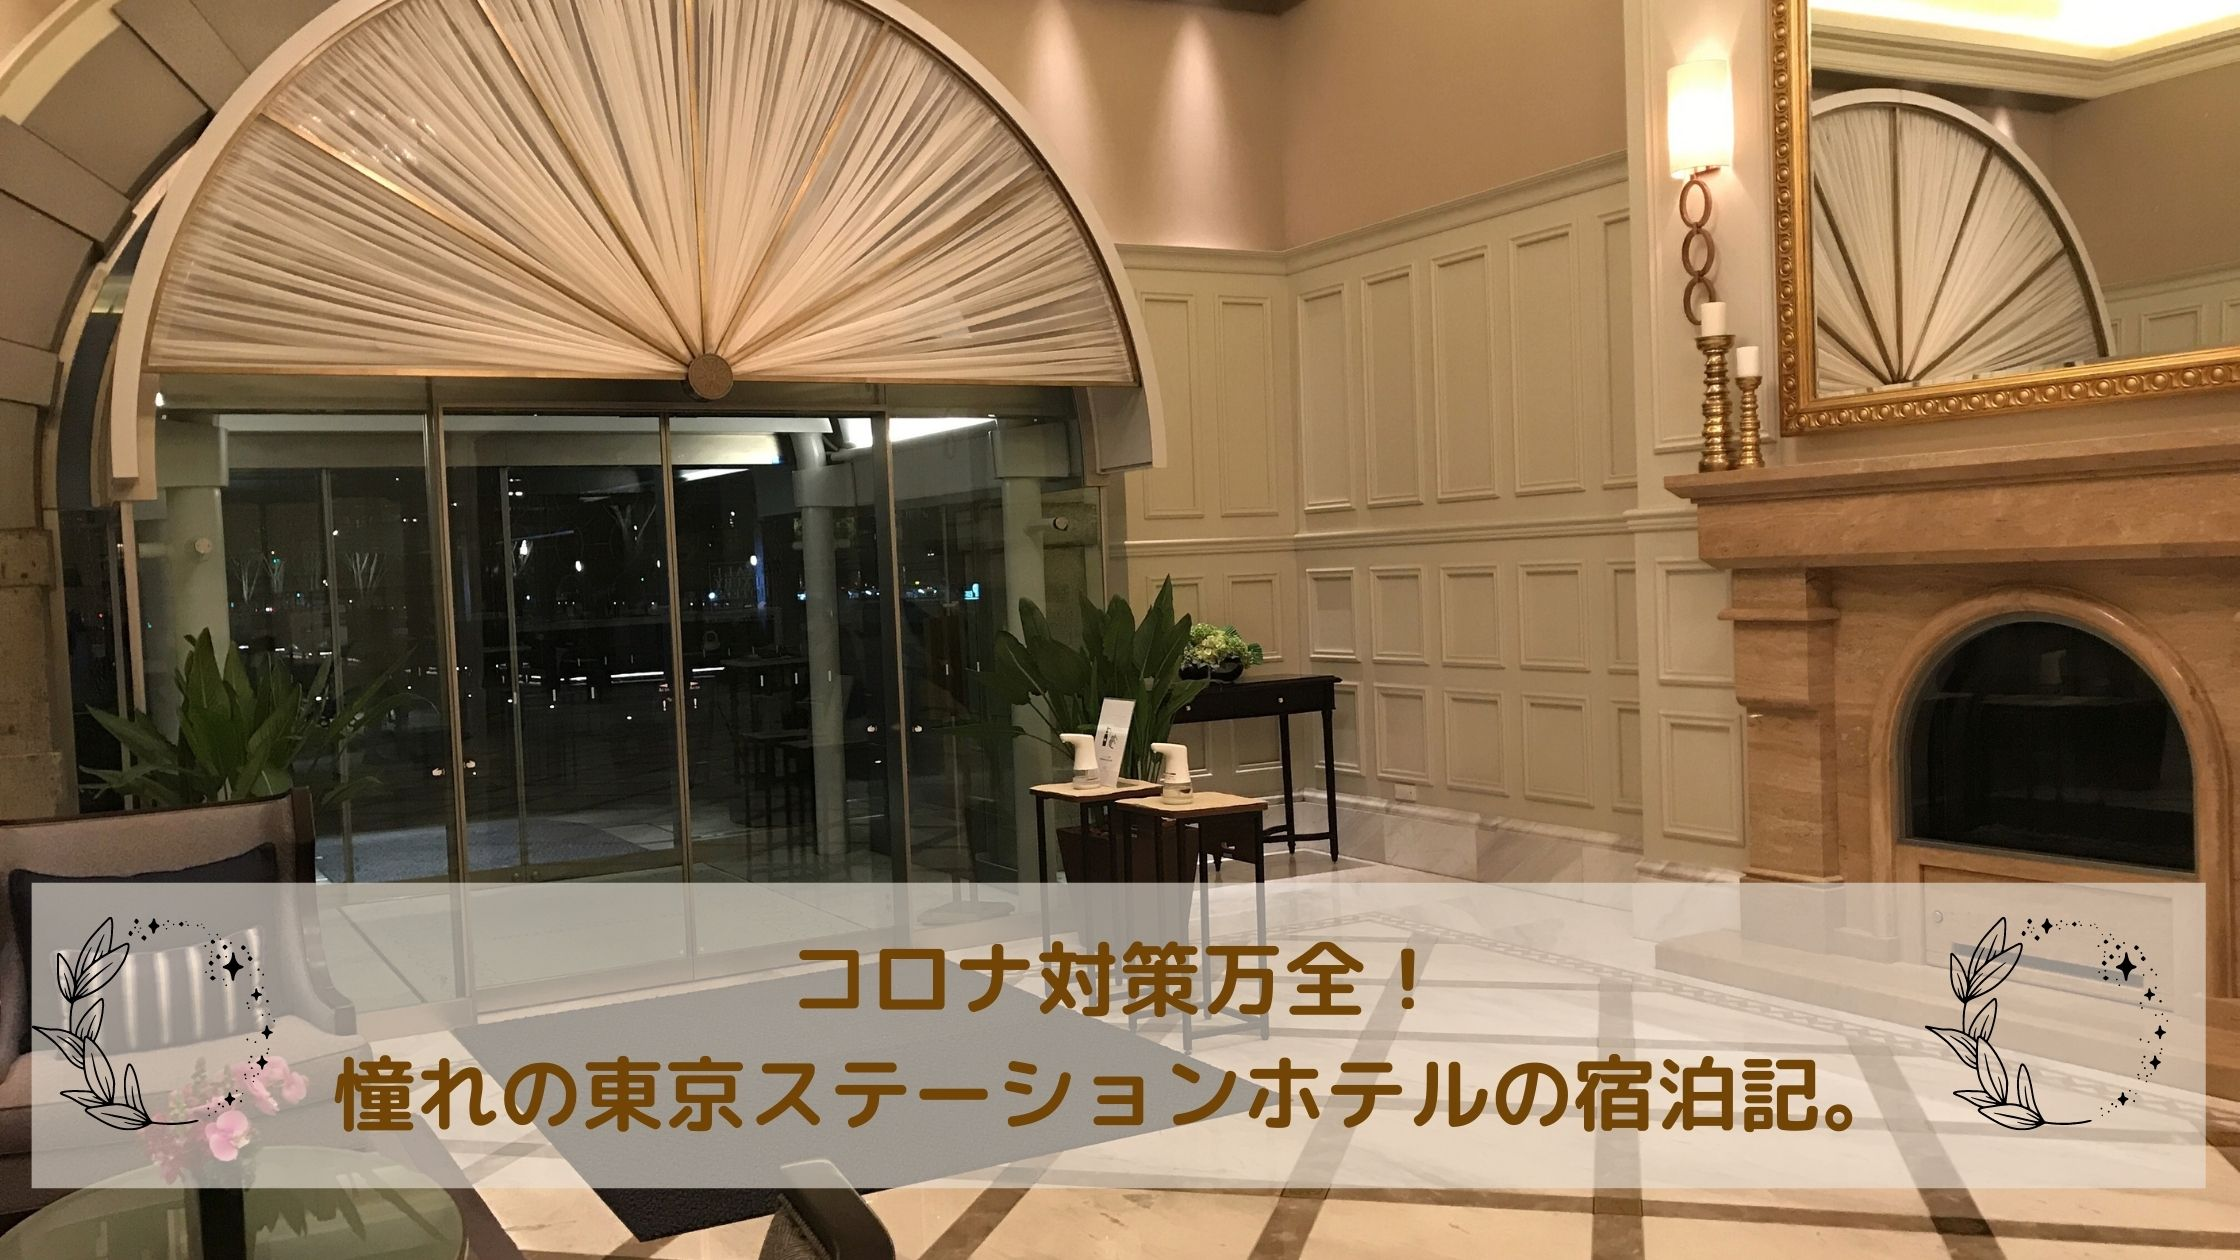 東京ステーションホテル ブログ